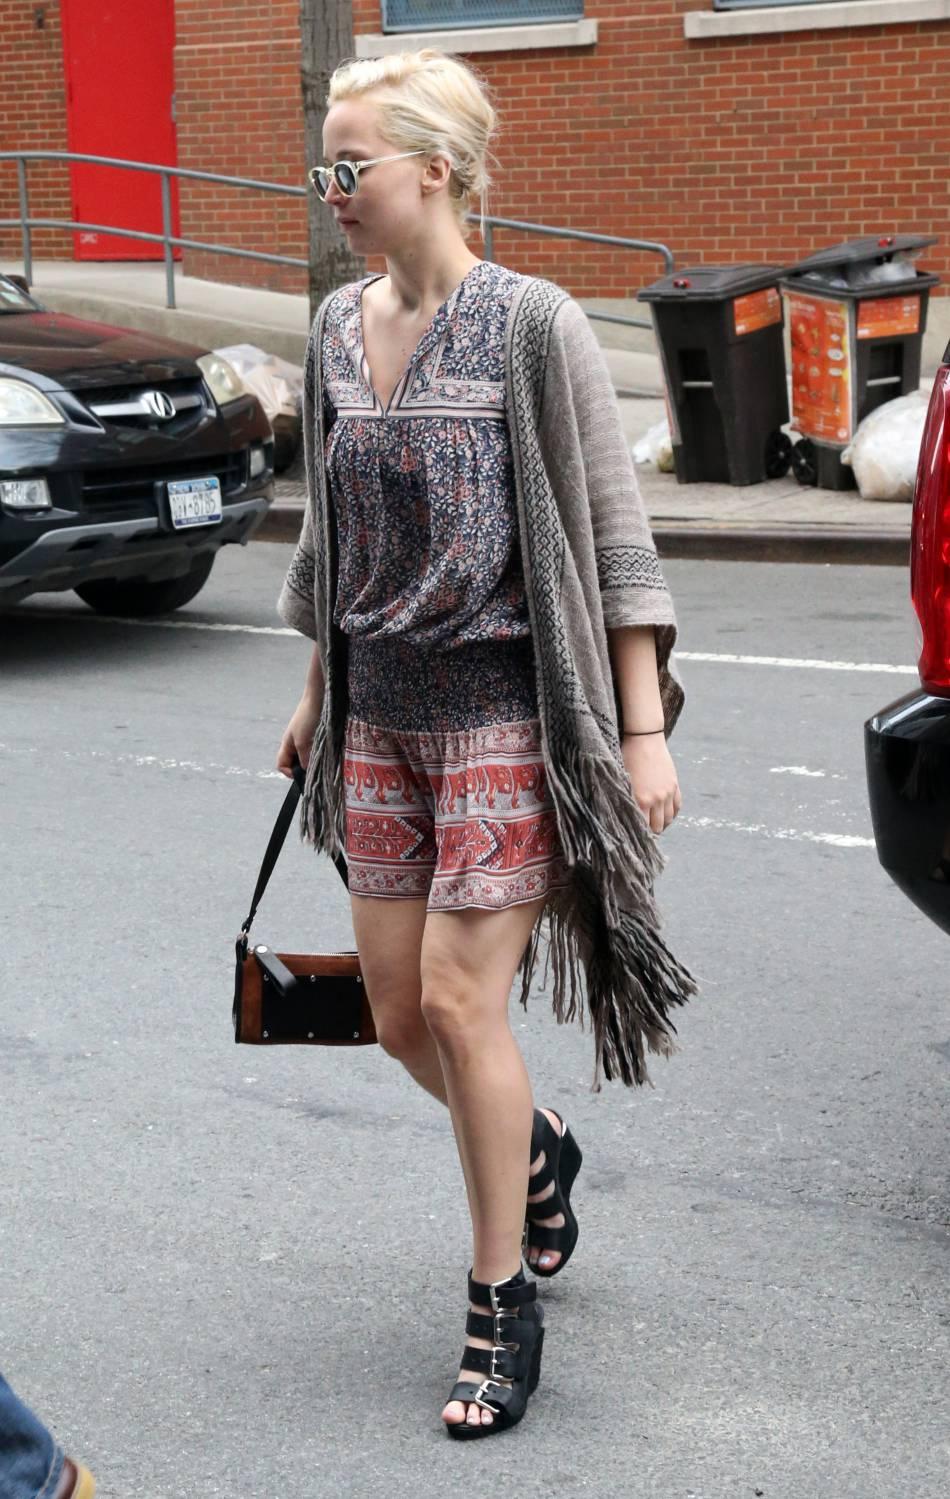 Jennifer Lawrence adopte un look un peu hippie. Elle a l'air cool mais elle n'a visiblement pas l'air décidée à sourire.